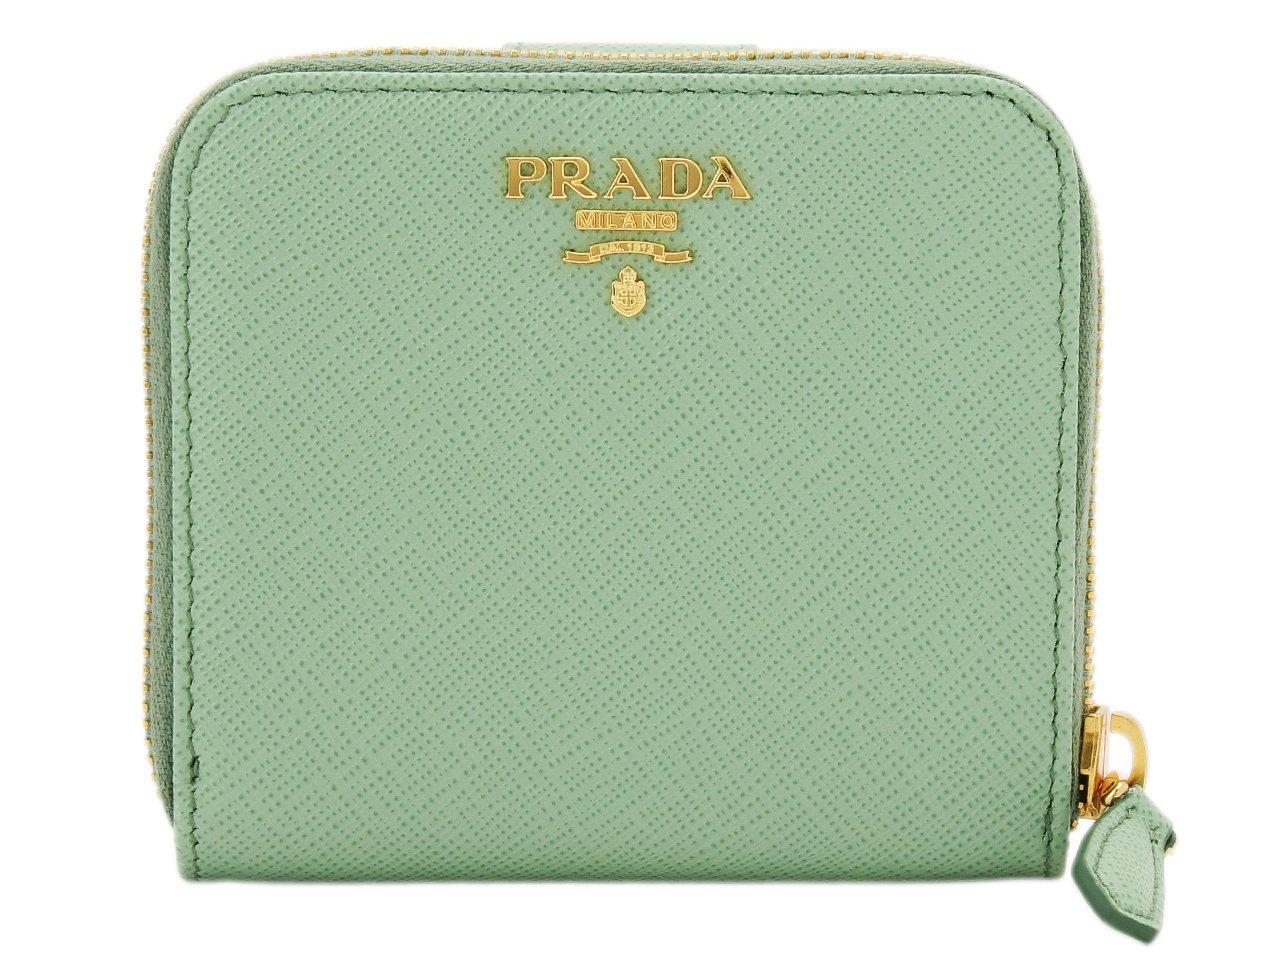 (プラダ) PRADA 財布 二つ折り ラウンドファスナー レザー 1ML522 [並行輸入品] B074V5BHQM ACQUAMARINA ACQUAMARINA